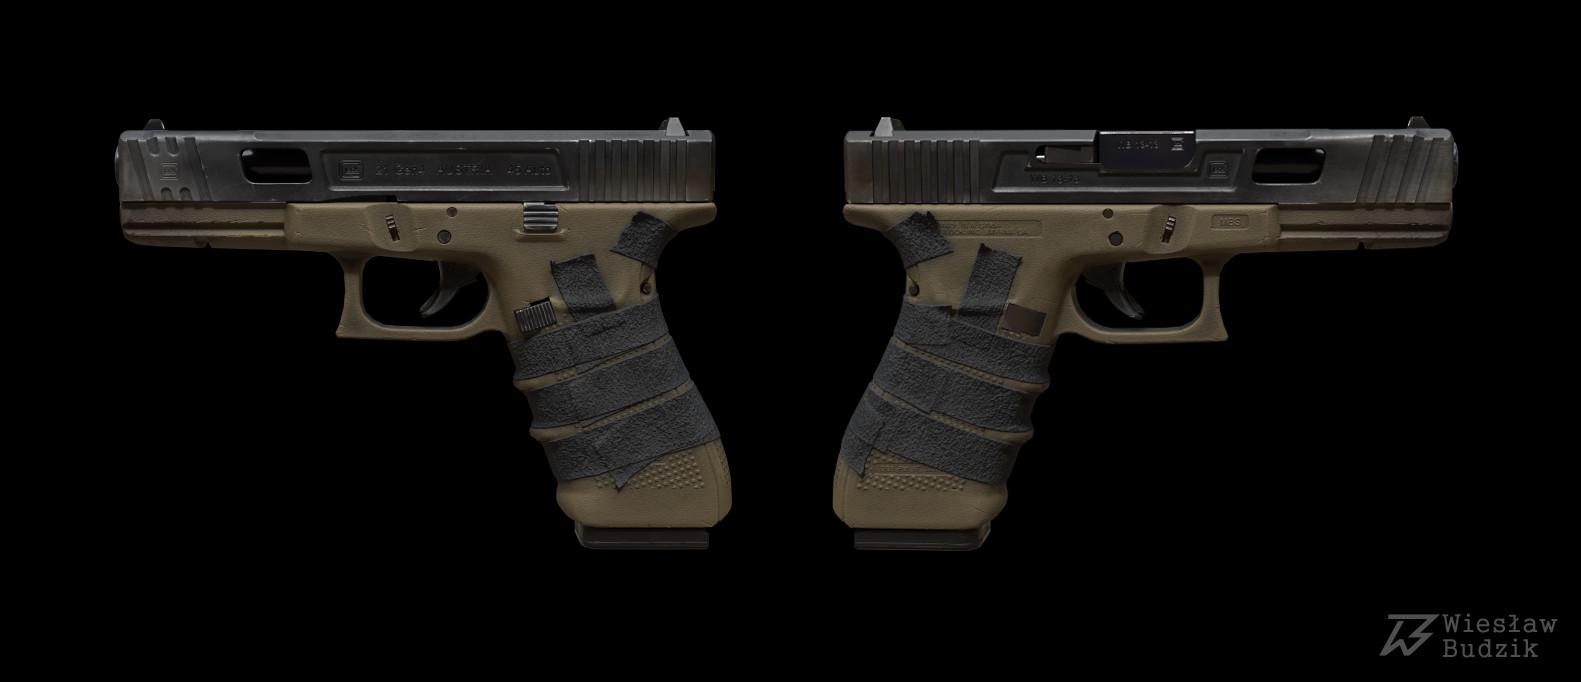 Wieslaw budzik glock 13